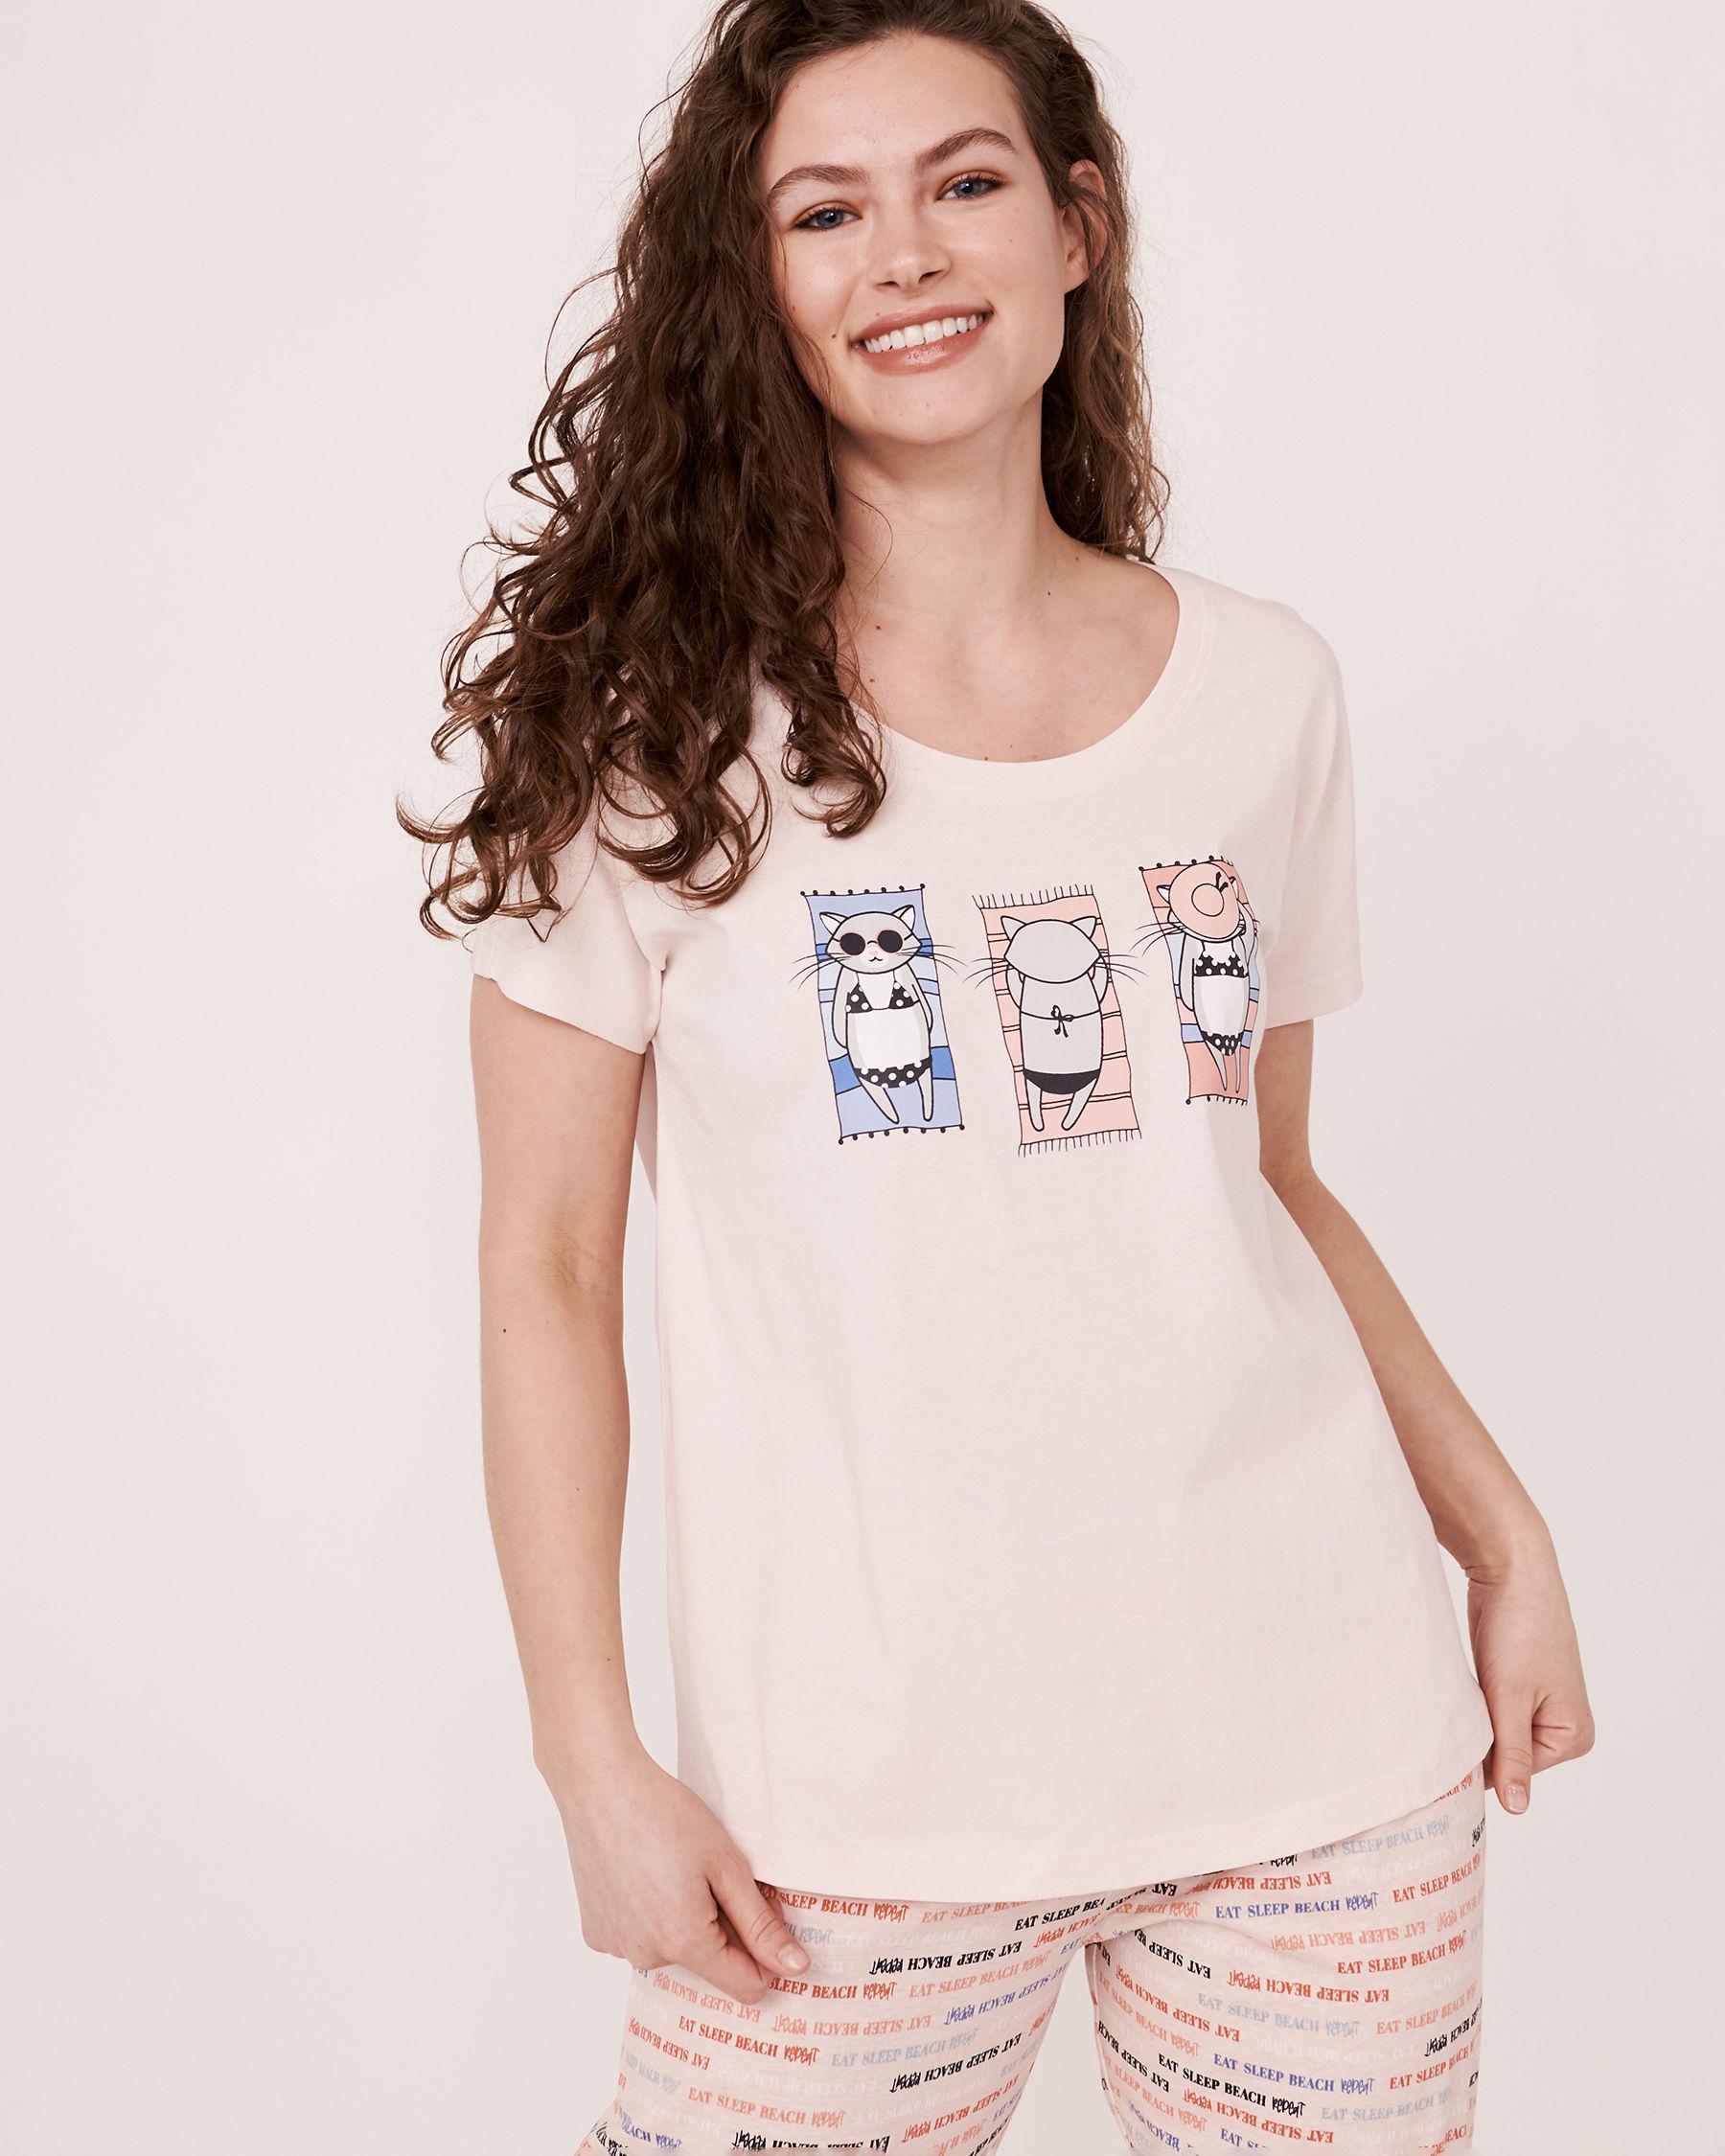 LA VIE EN ROSE Crew Neck T-shirt Soft lilac 40100037 - View1